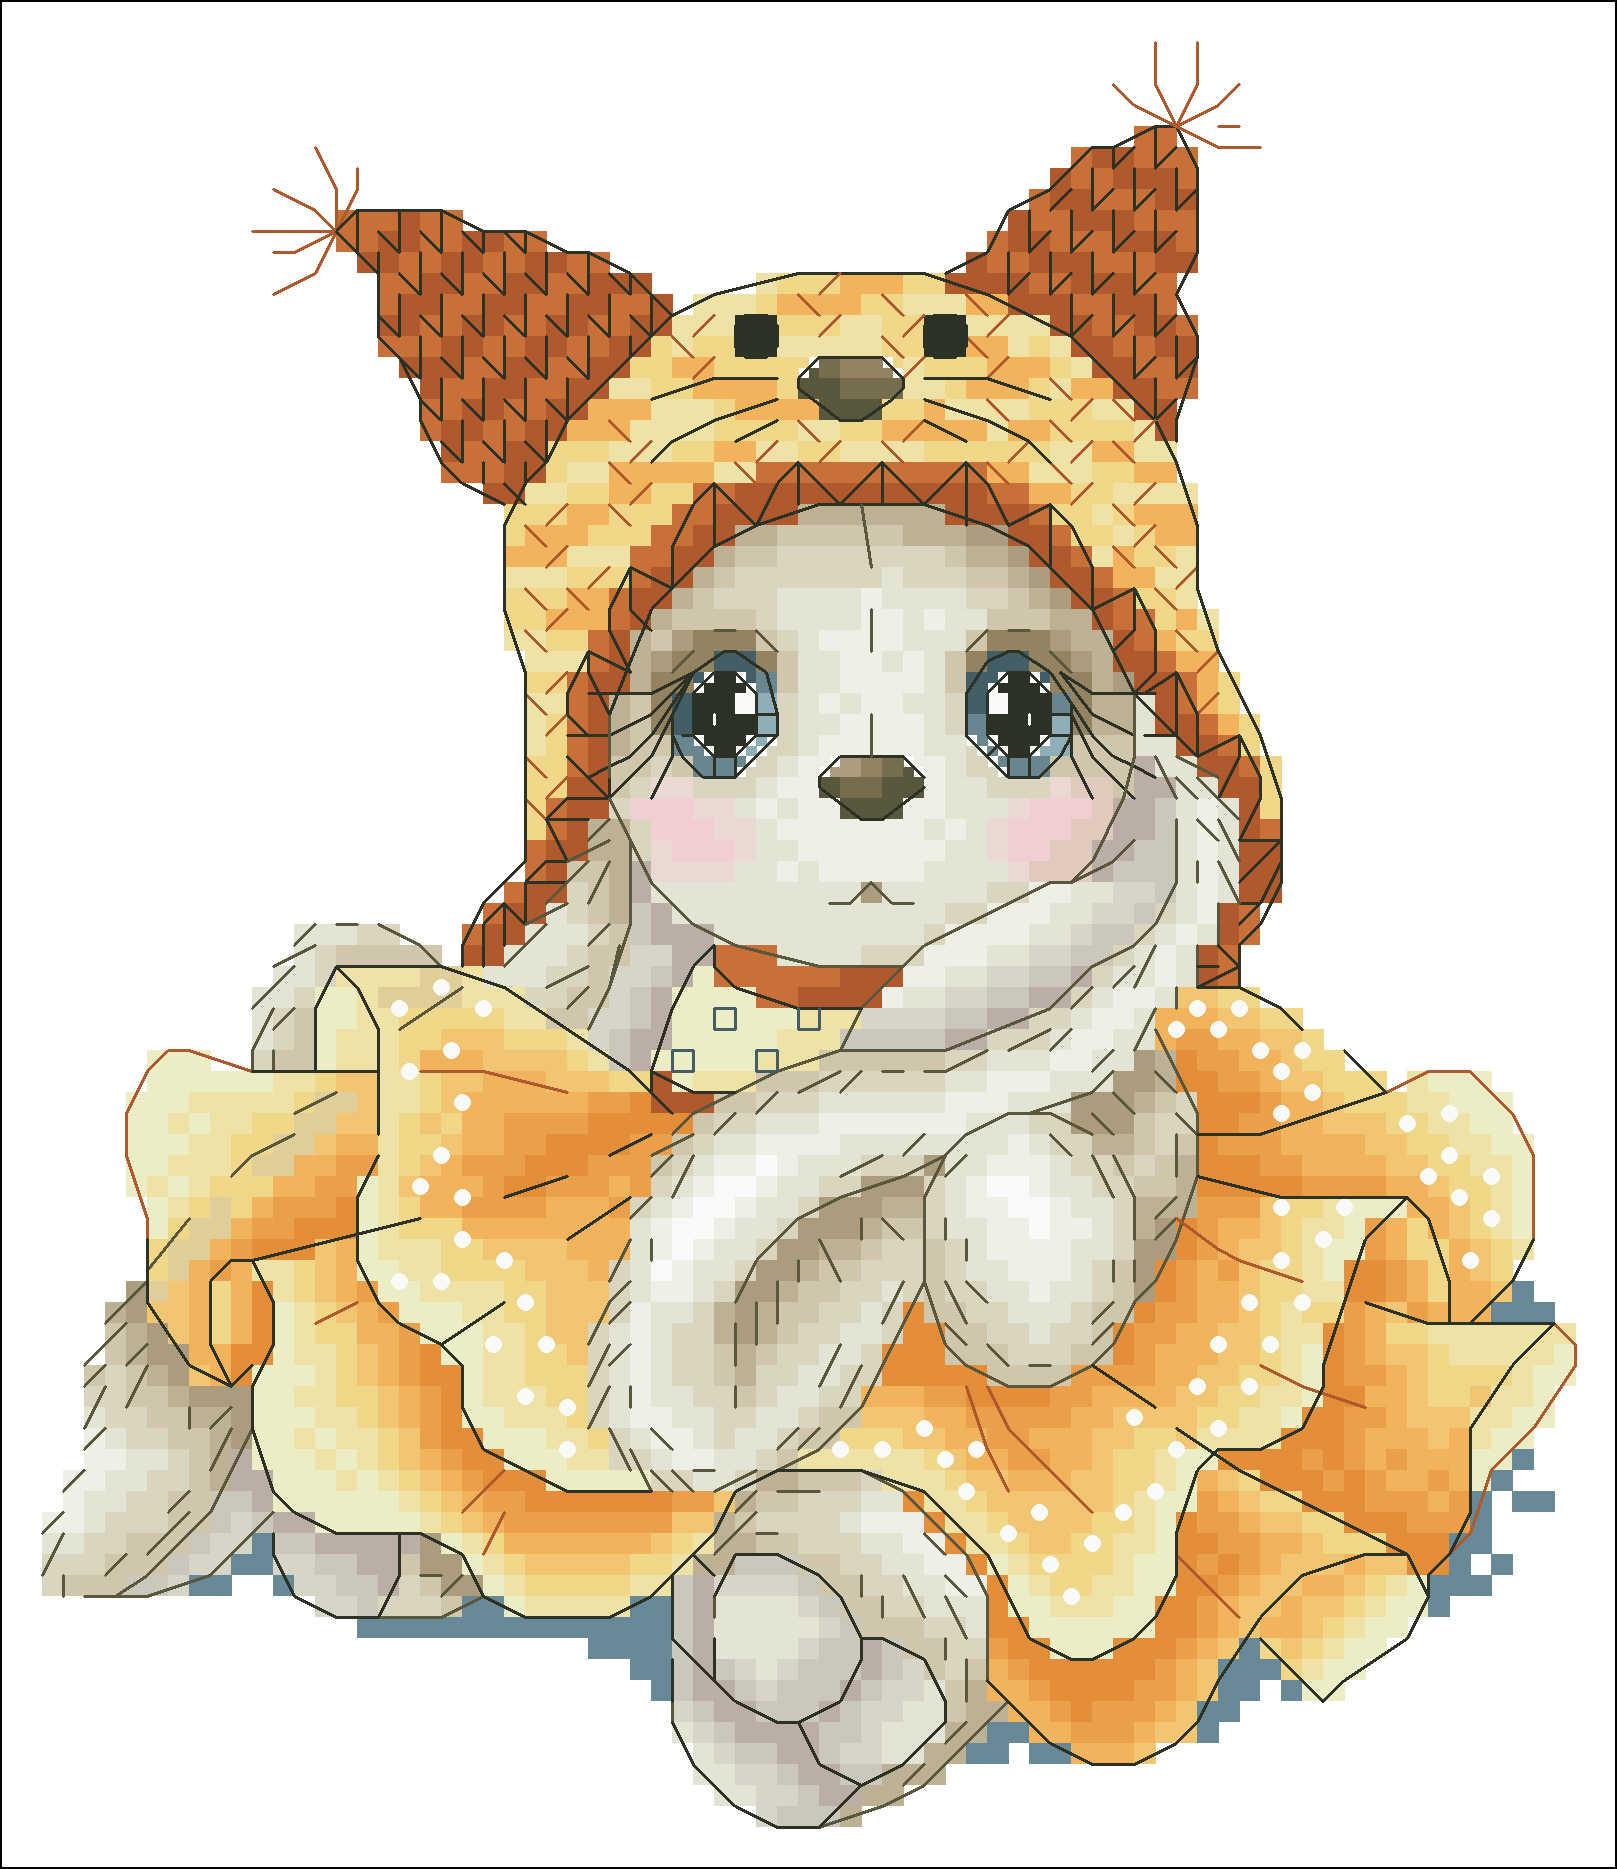 かわいい女の子ユニコーン帽子クロスステッチパッケージ漫画の動物 18ct 14ct 11ct 布綿シルク刺繍 DIY ハンドメイド刺繍